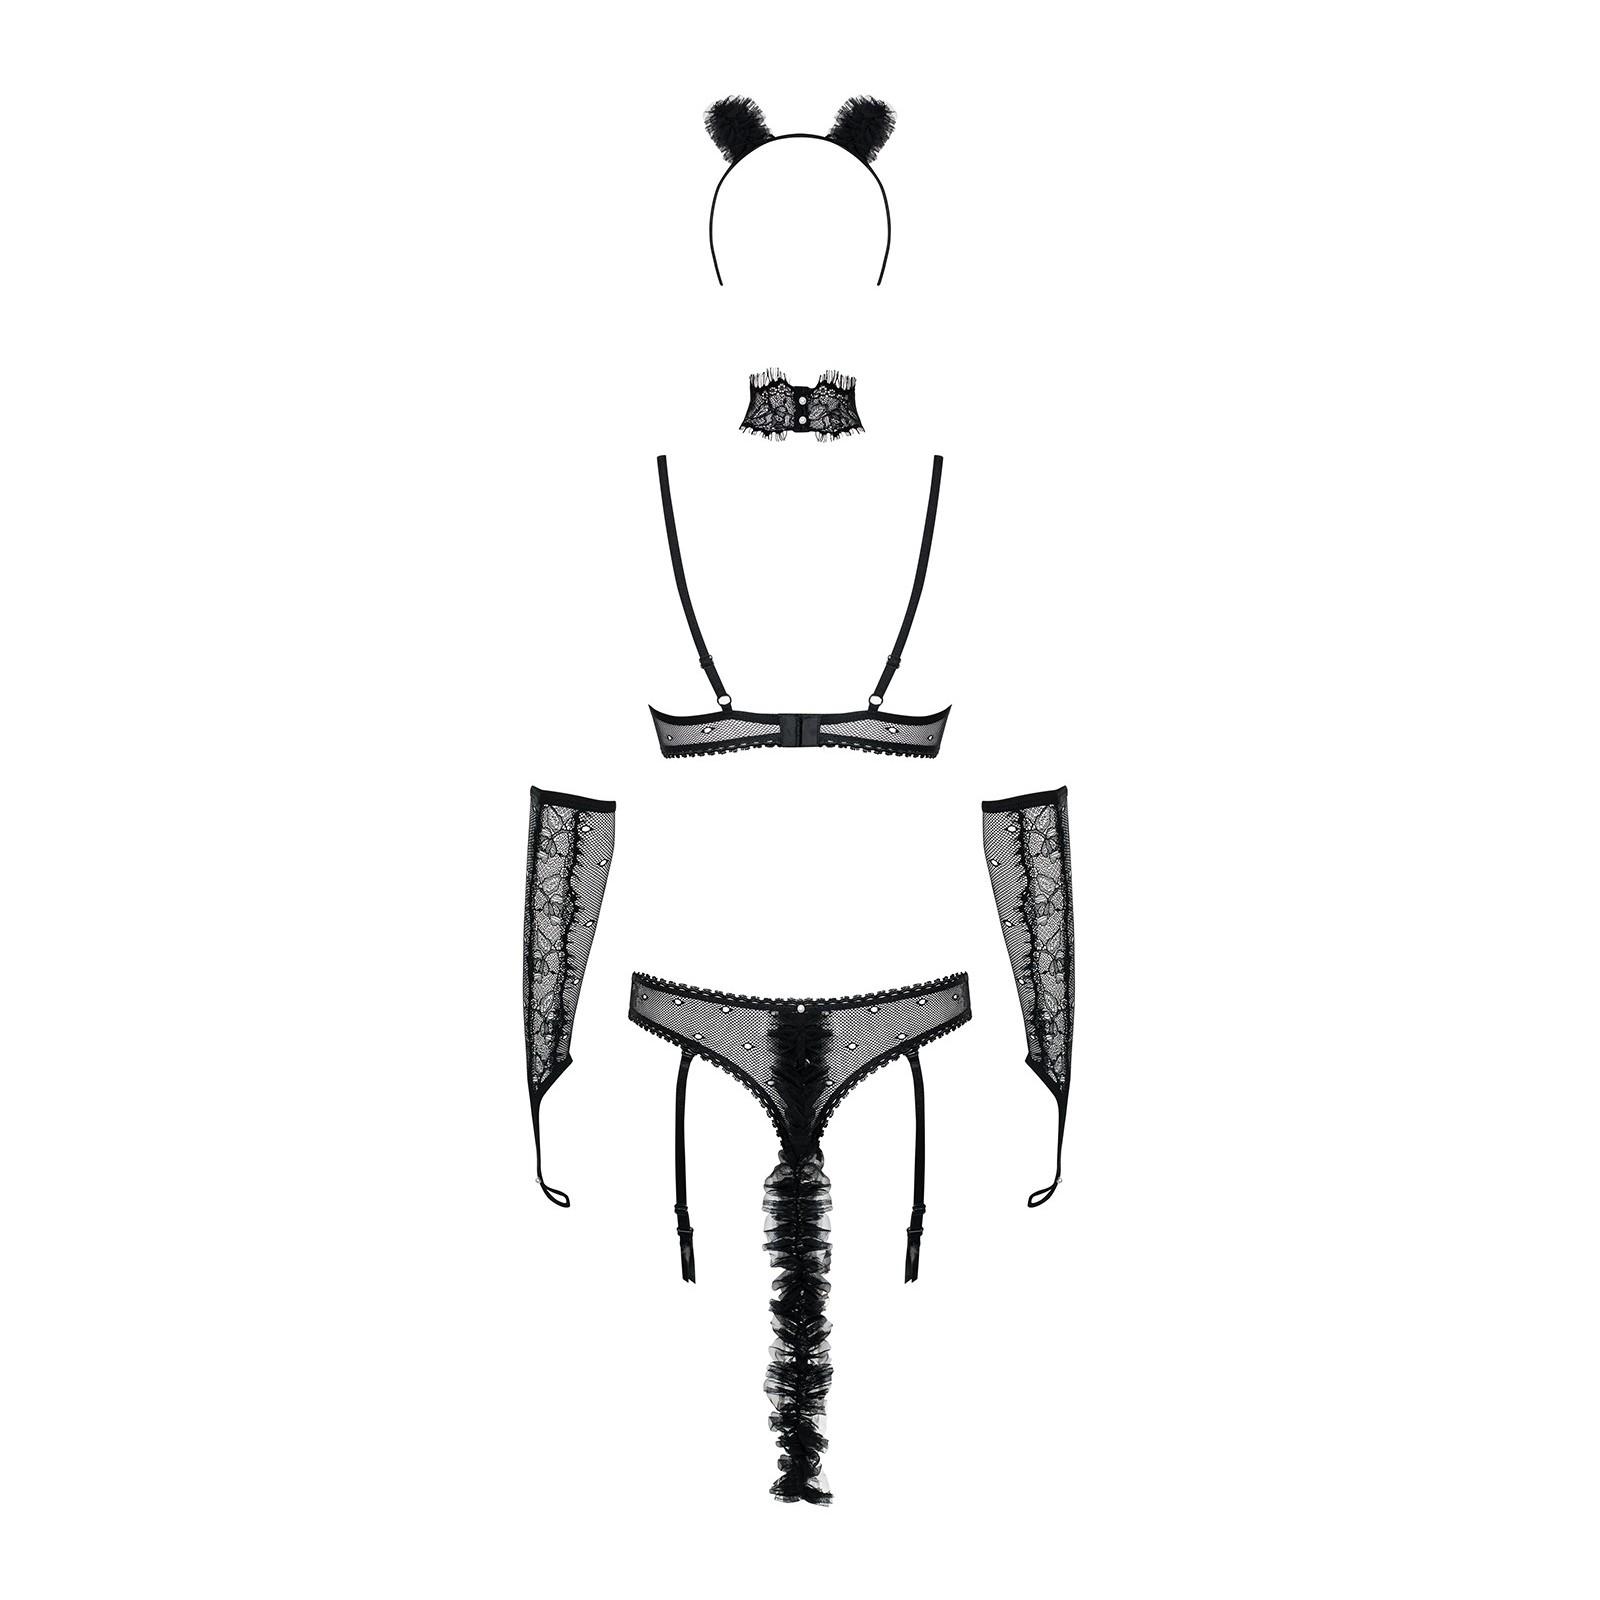 836-CST-1 Catwoman-Kostüm - 8 - Vorschaubild